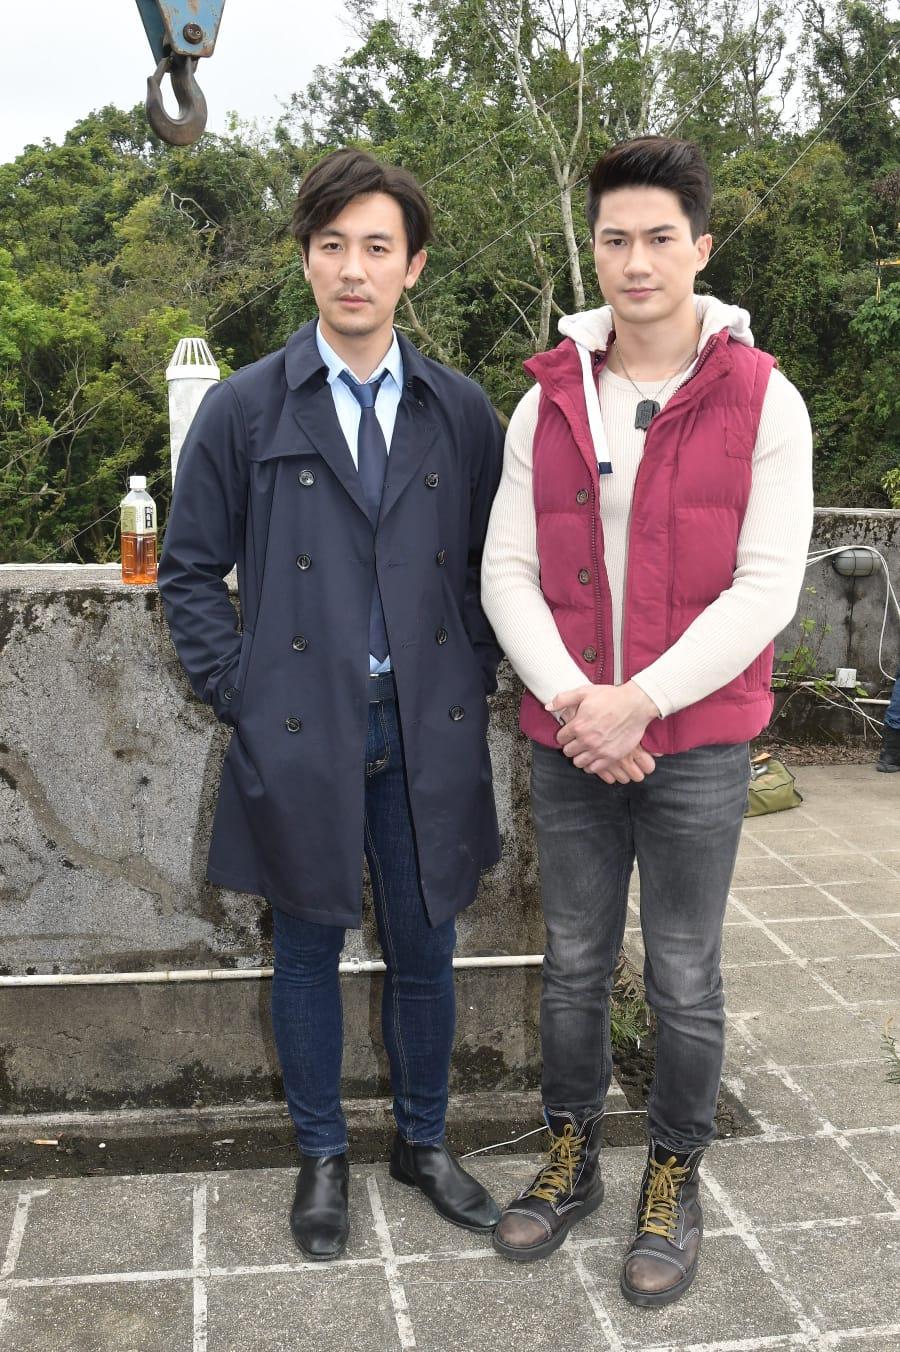 郭子豪在譚俊彥(左)陪同回應醉駕事件。